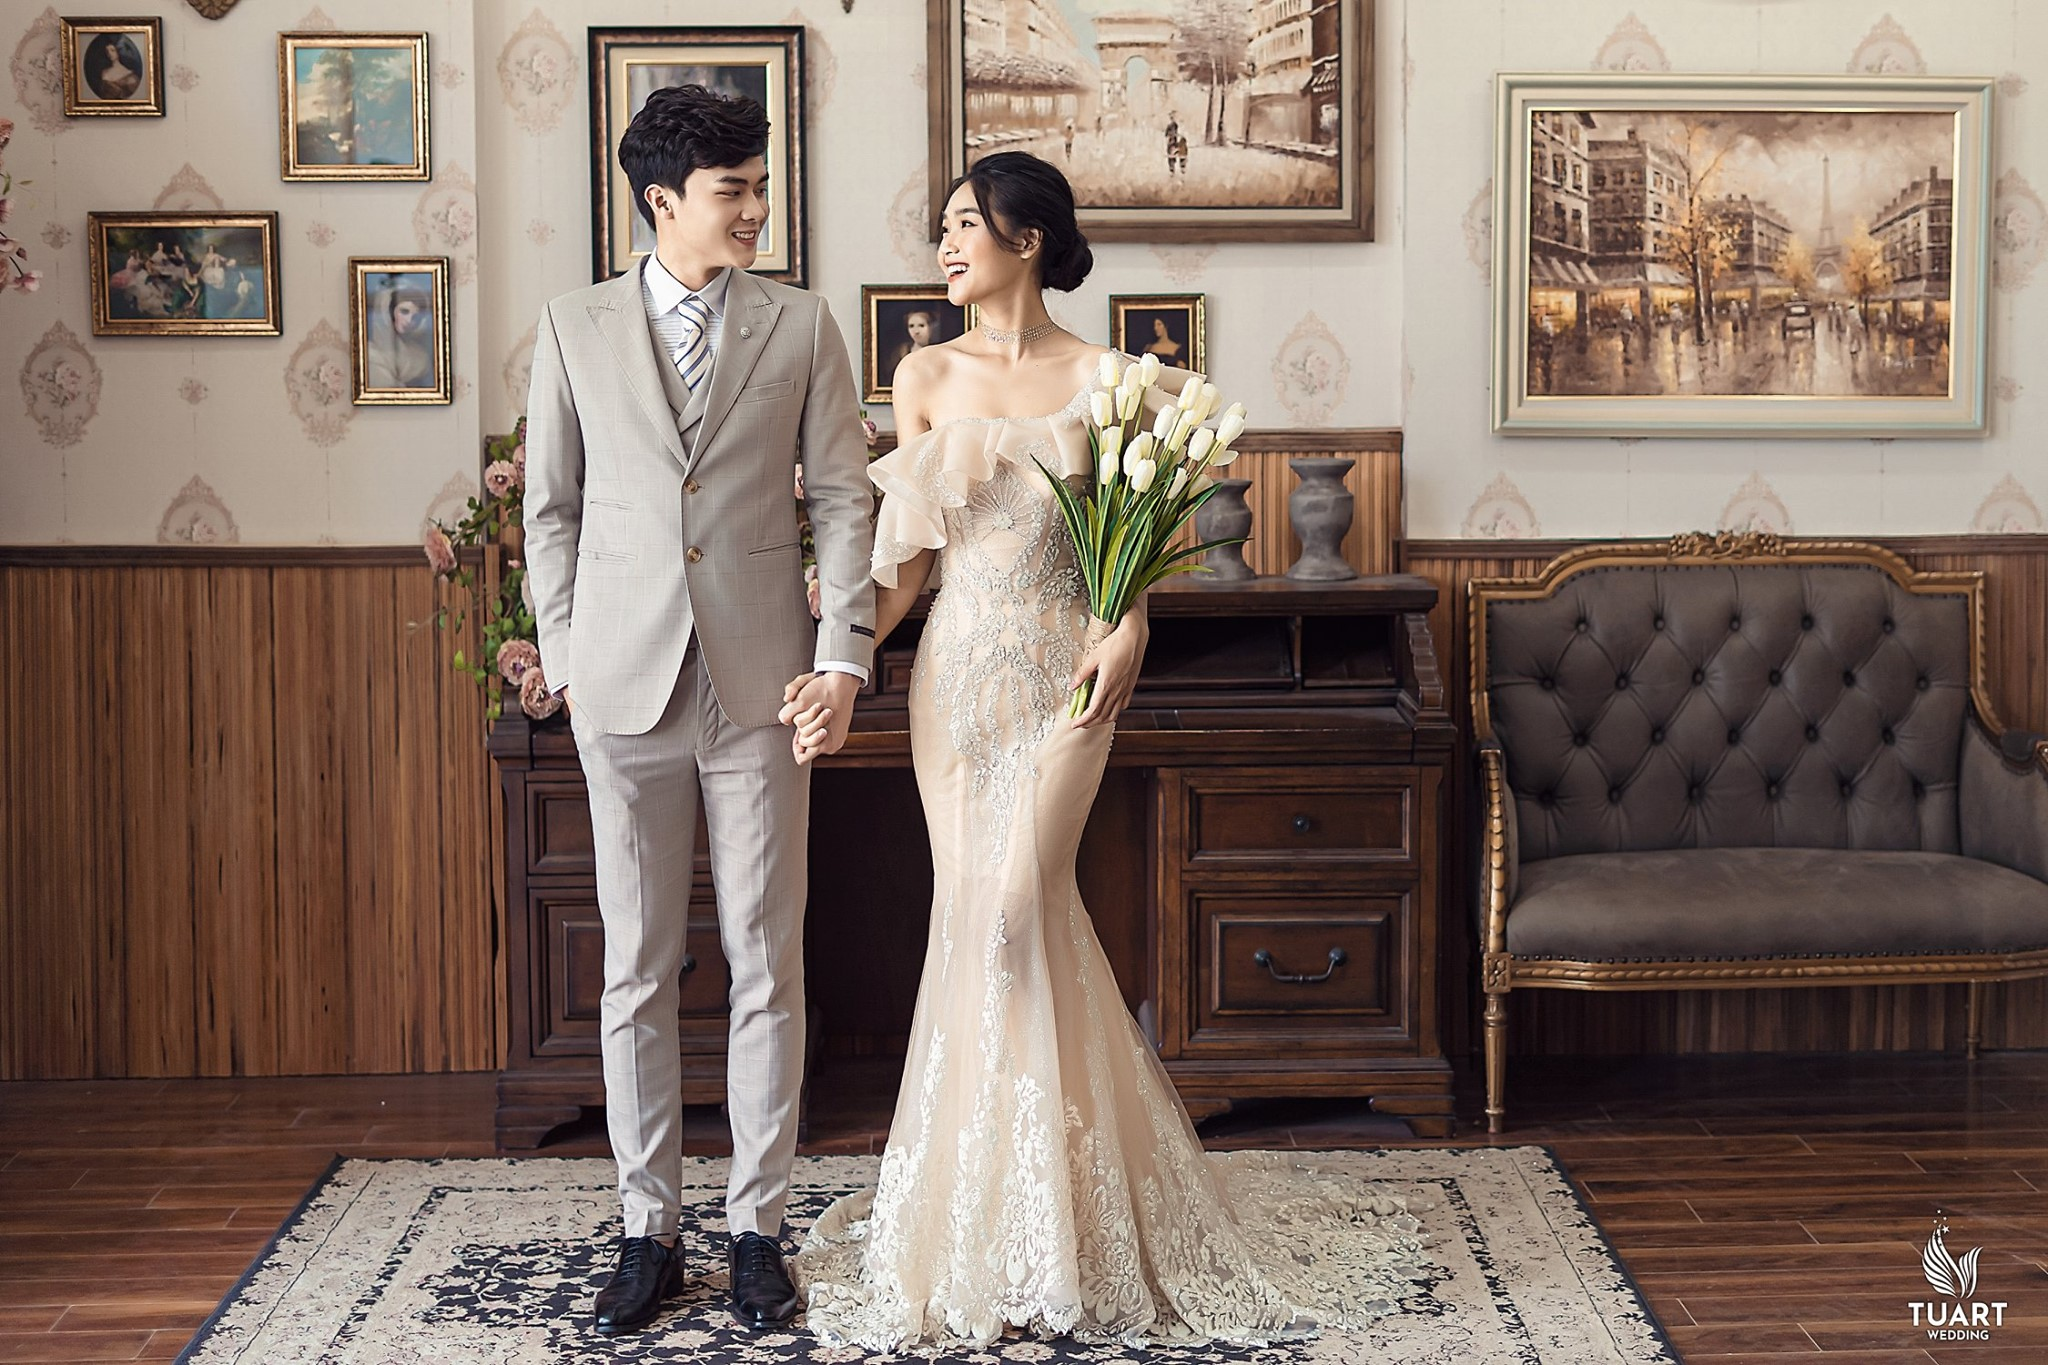 Album ảnh cưới đẹp Hàn Quốc tại phim trường Santorini Hà Nội 11